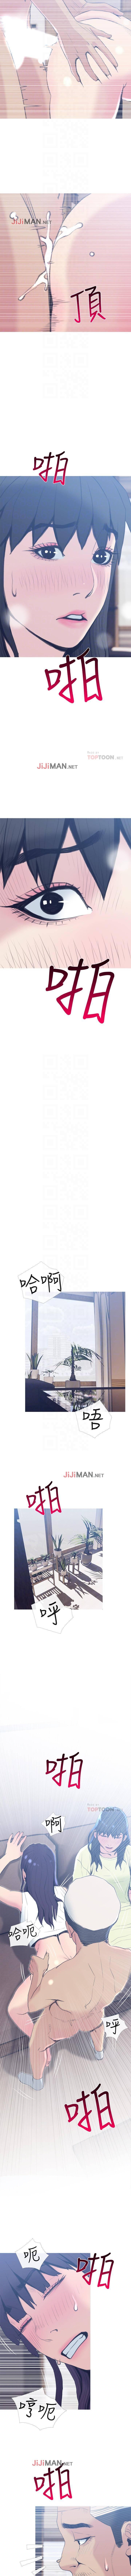 【周五连载】主妇危机(作者:查爾斯&漢水) 第1~26话 179